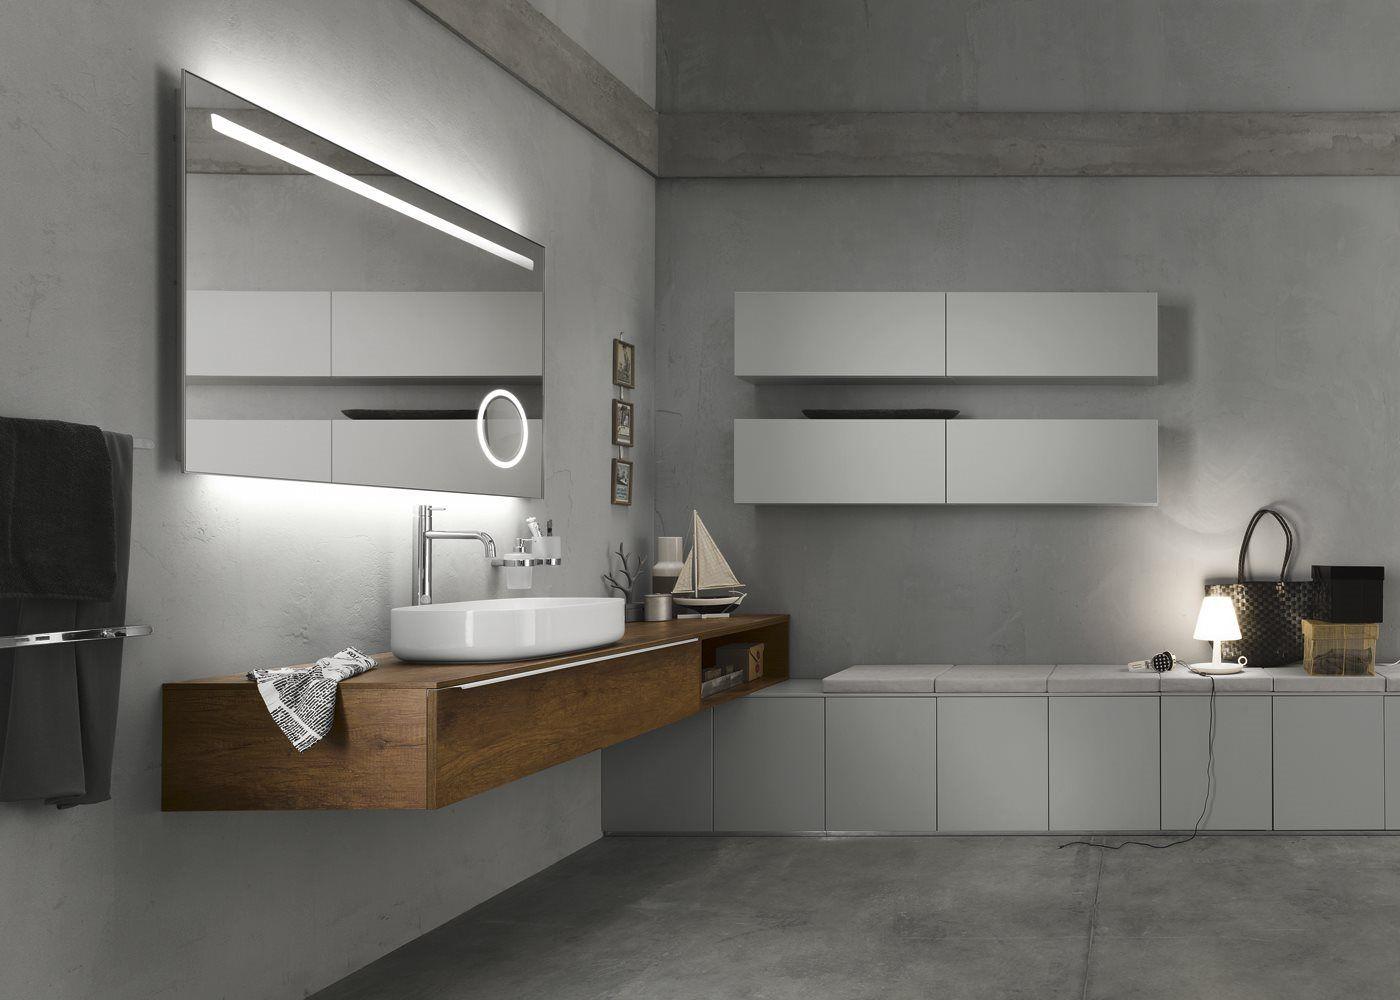 meuble salle de bain inda progetto